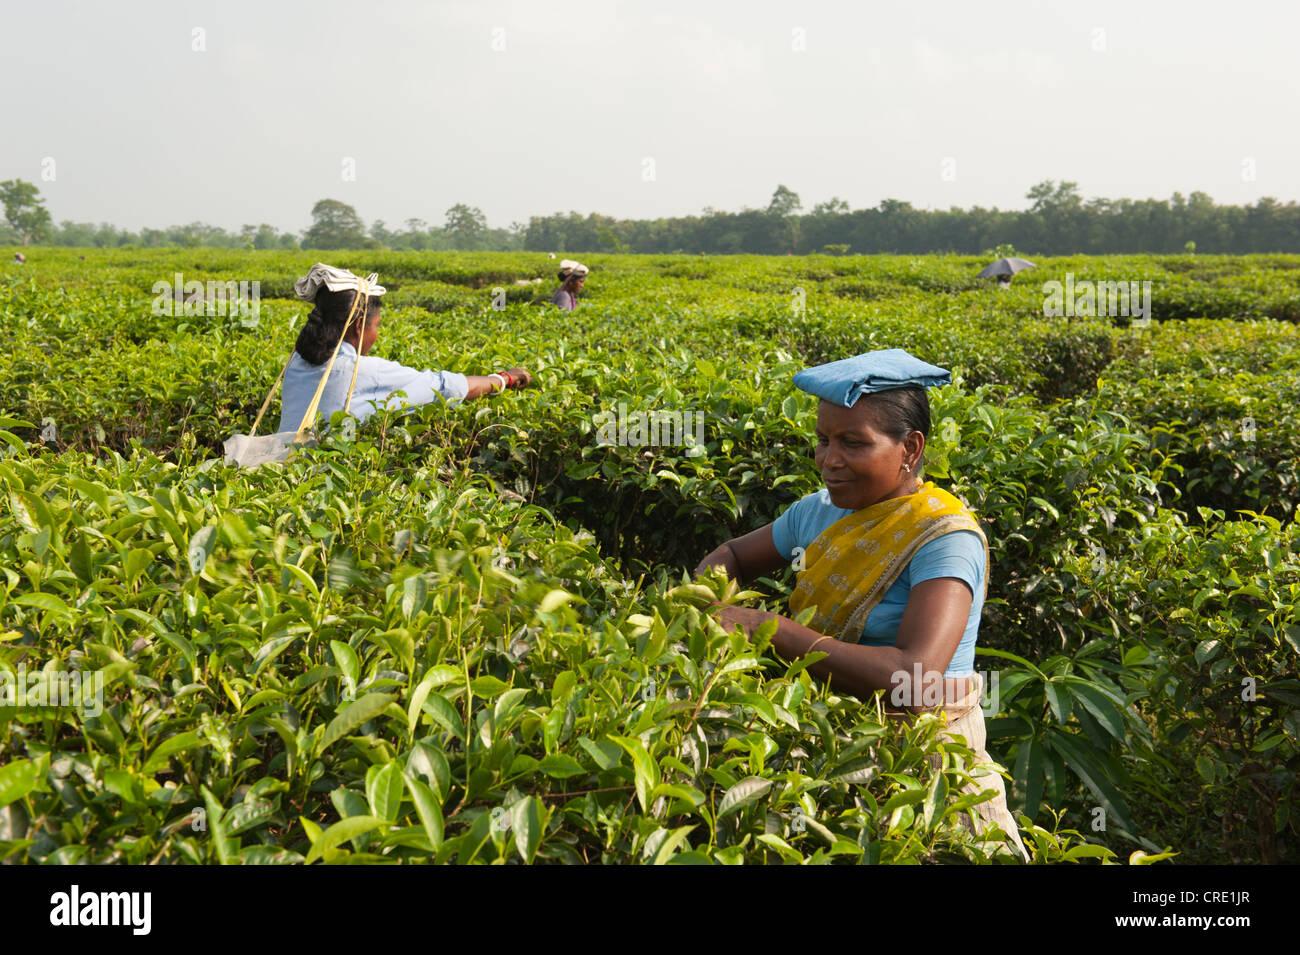 Les cueilleurs de thé au travail, près de Darjeeling, au Bengale occidental, en Inde, en Asie du Sud, Photo Stock